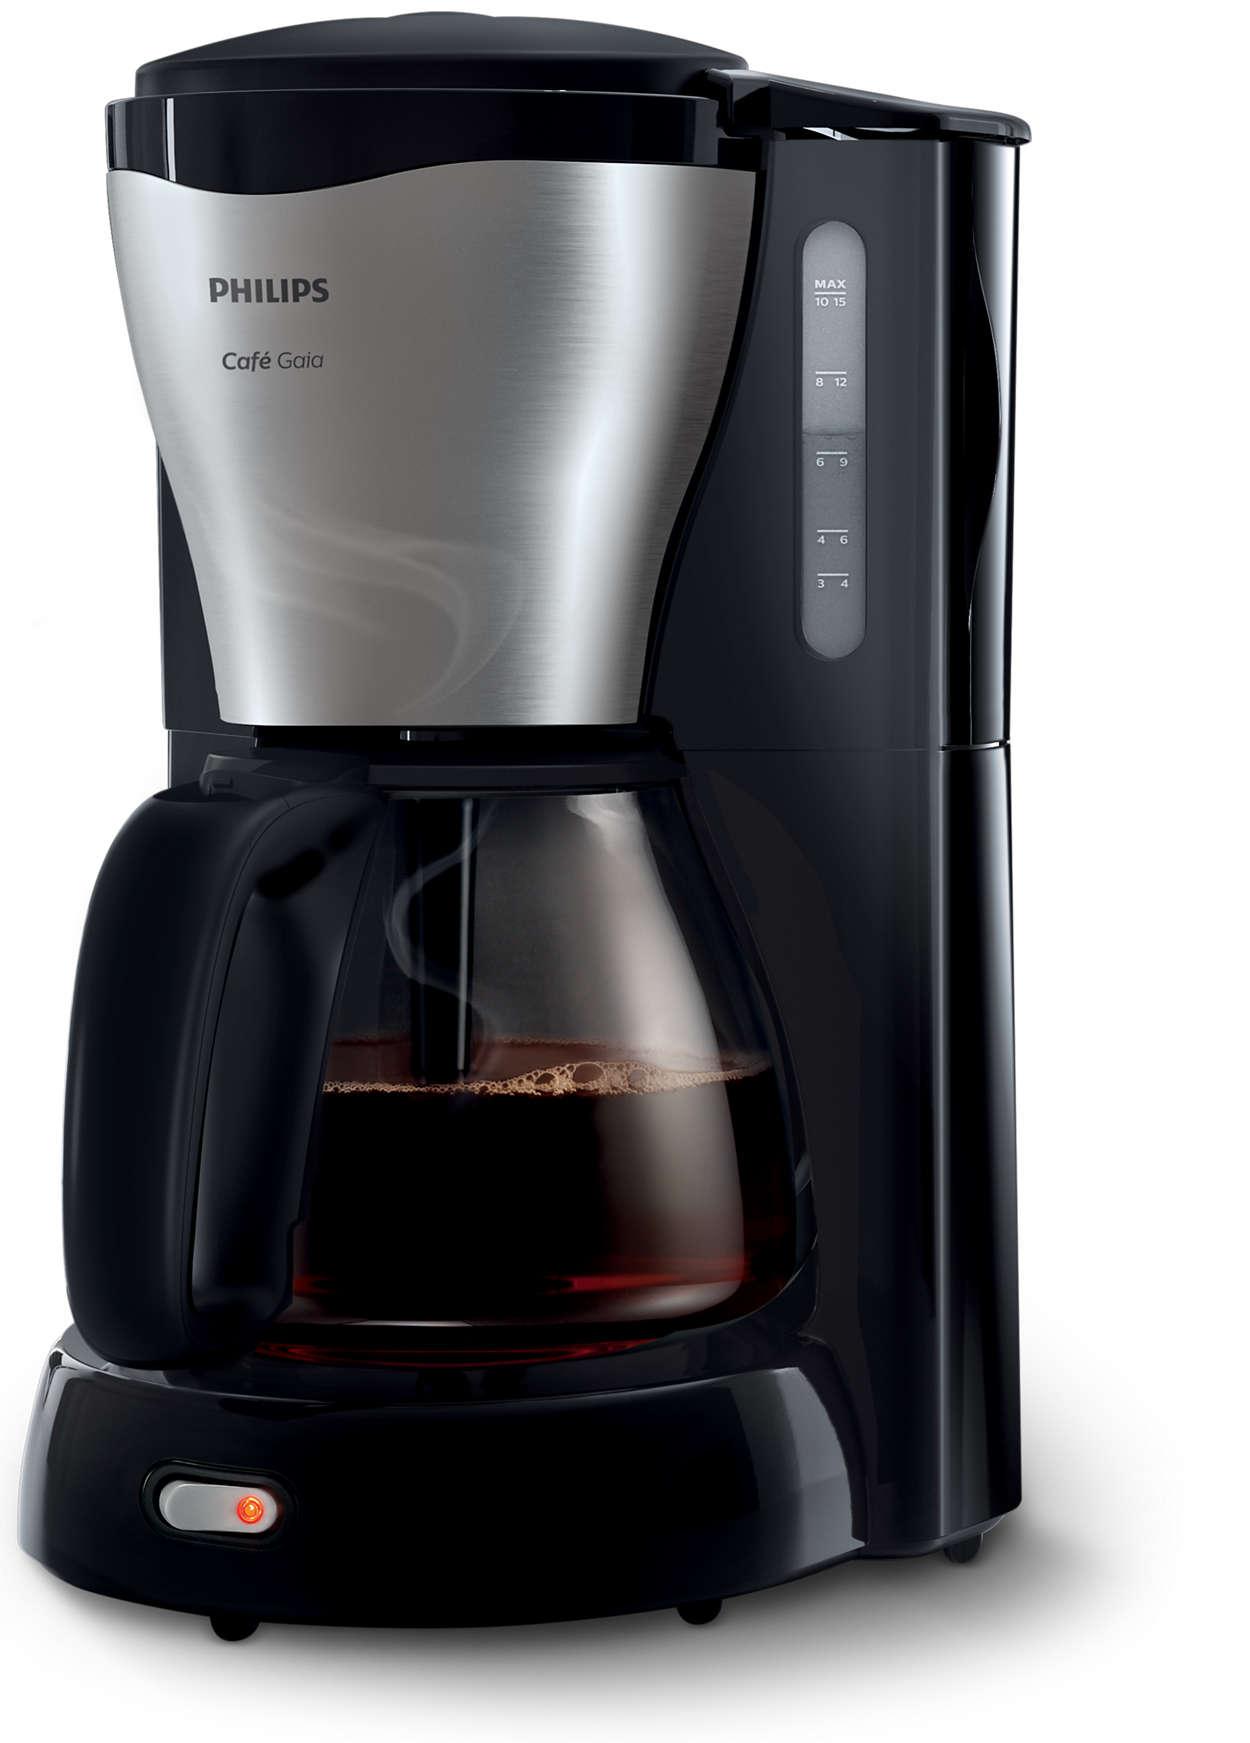 Υπέροχος καφές μέχρι την τελευταία σταγόνα